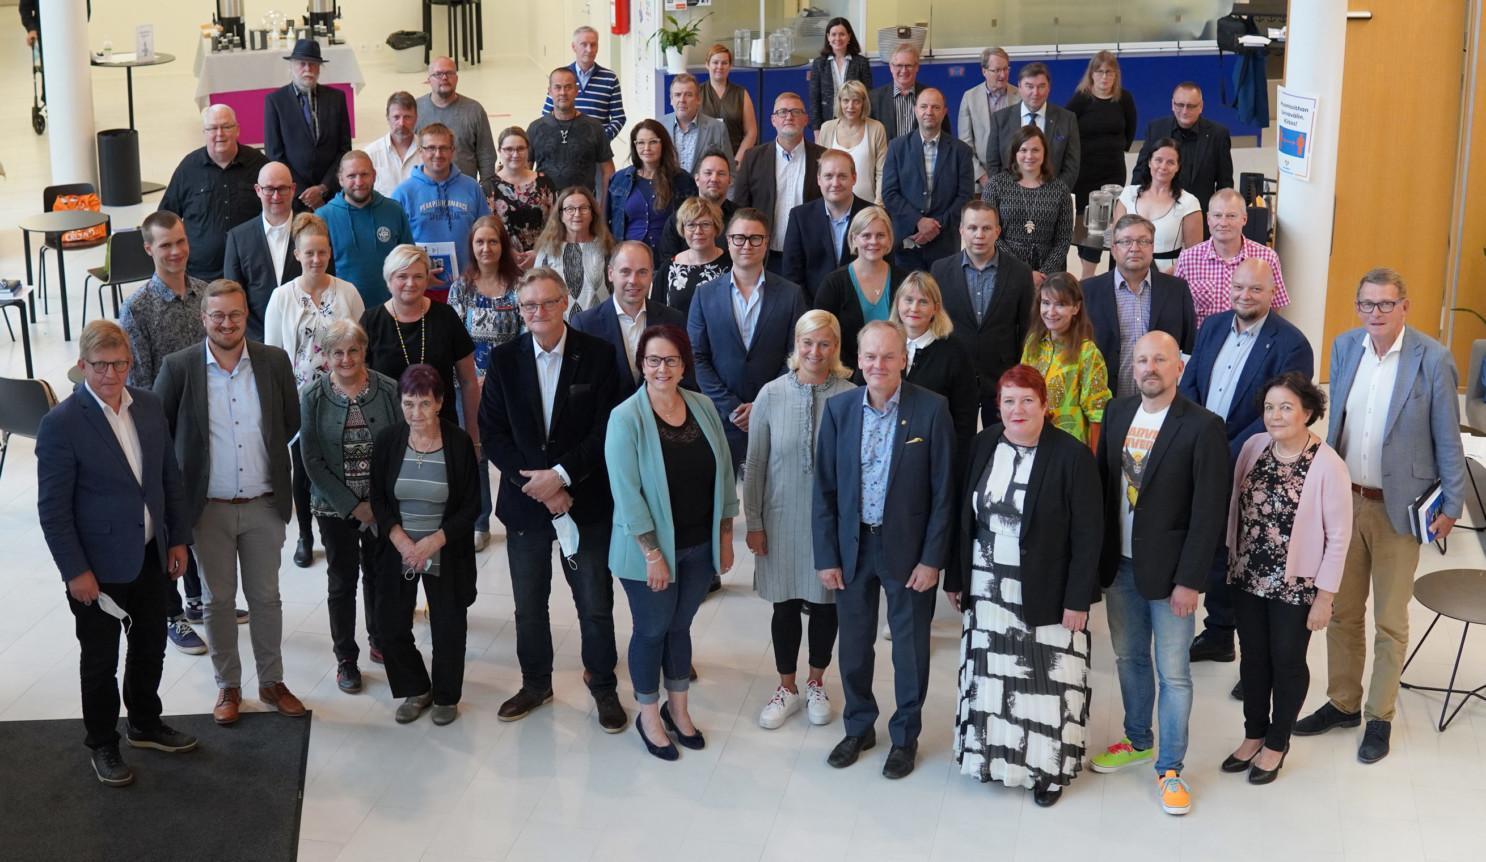 Nurmijärven kunnanvaltuuston ryhmäkuva ensimmäisessä kokouksessa 18.8.2021